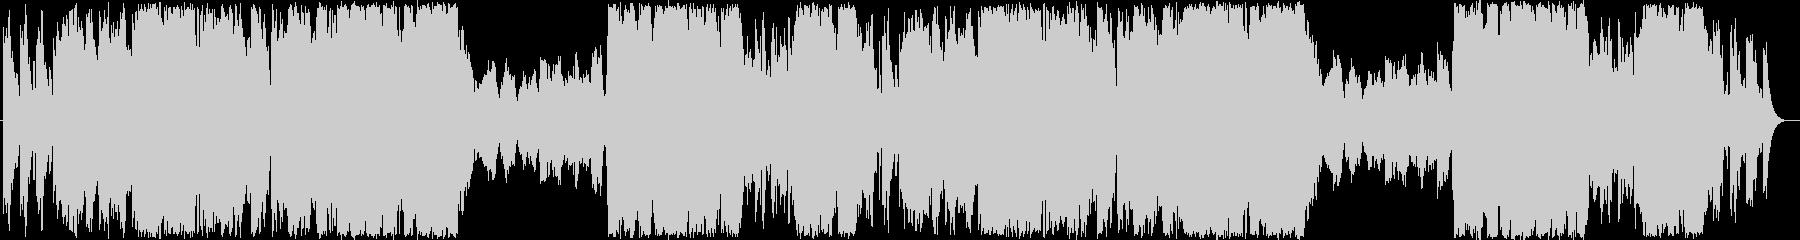 ゲームのラスボス風のオーケストラ曲の未再生の波形